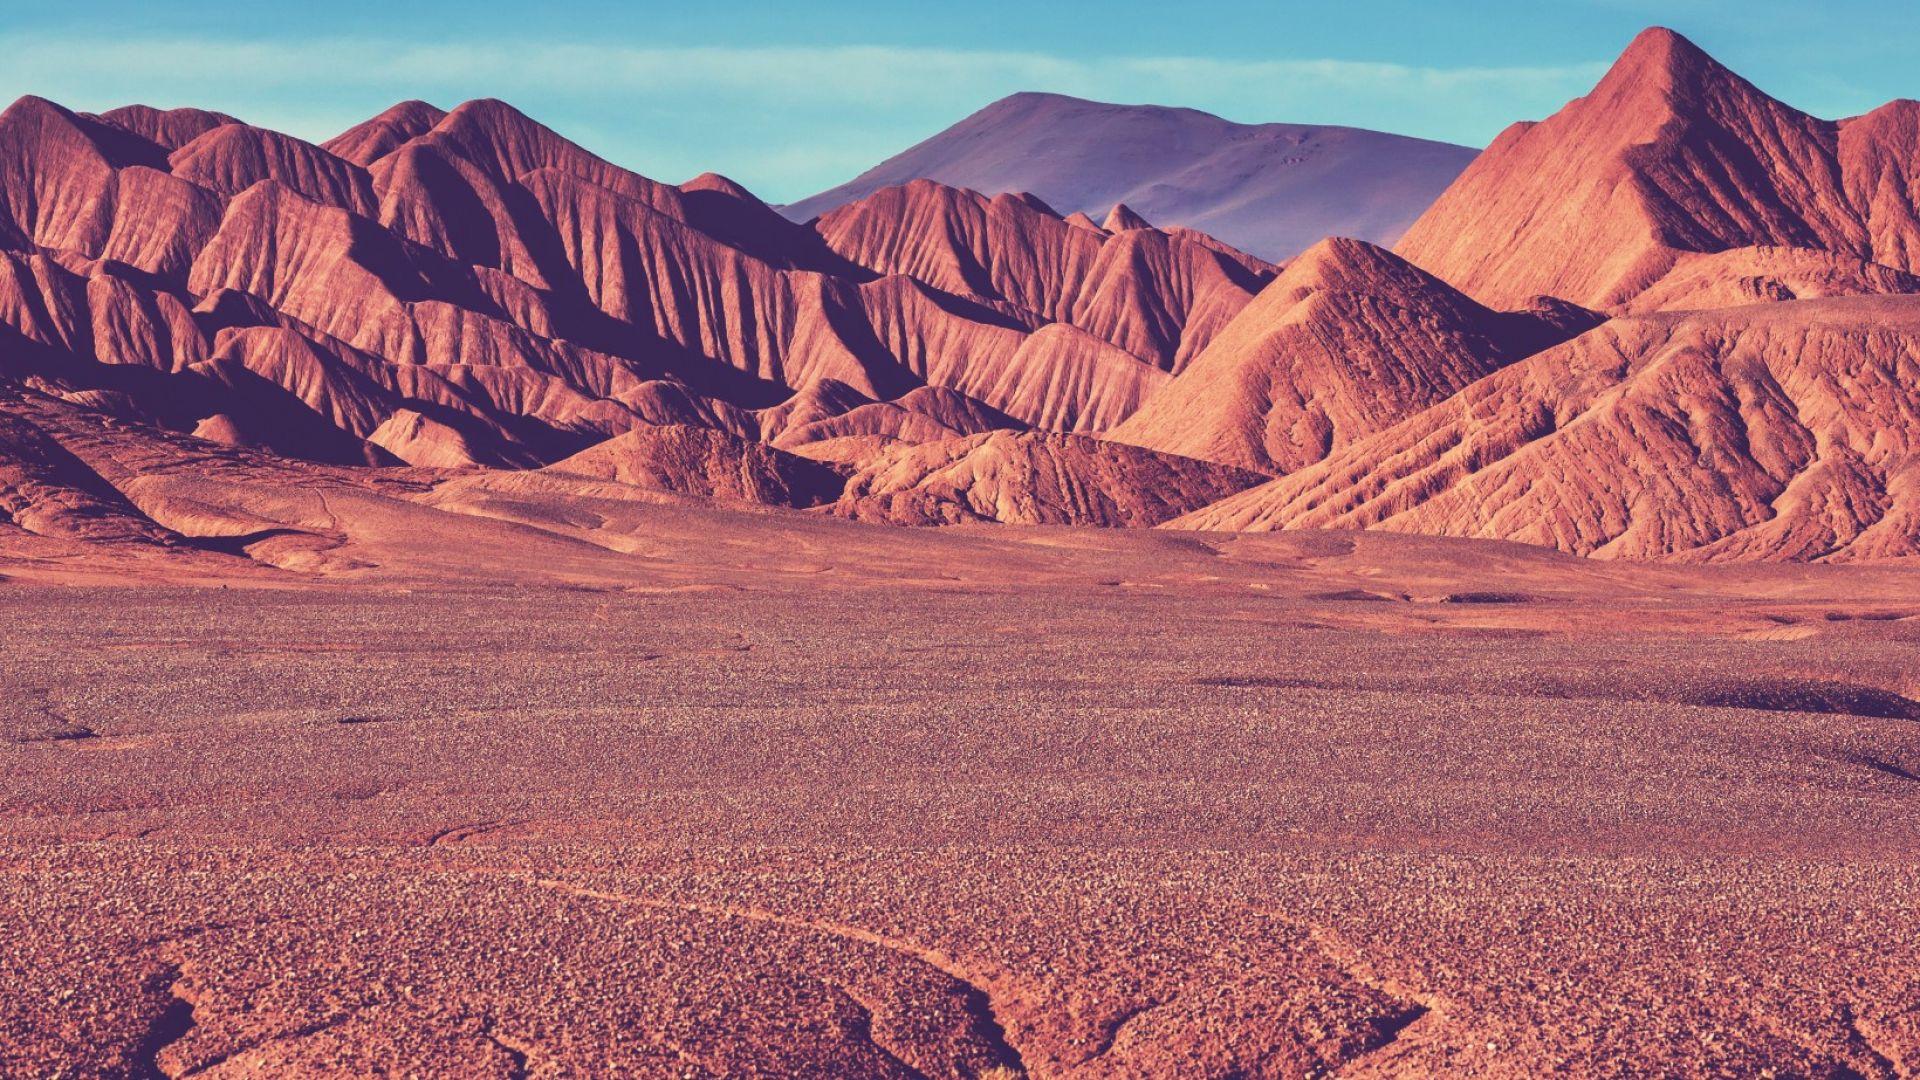 5-годишно дете оцеля самичко в аржентинска пустиня